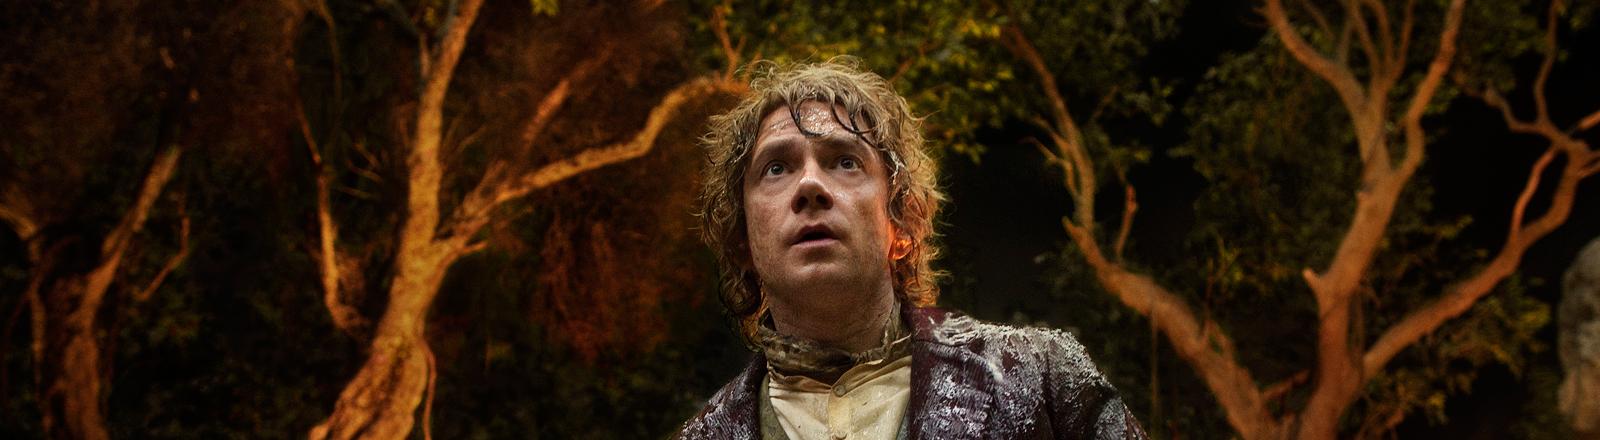 """Martin Freeman als Bilbo Beutlin in dem Film von Peter Jackson """"Der Hobbit""""."""